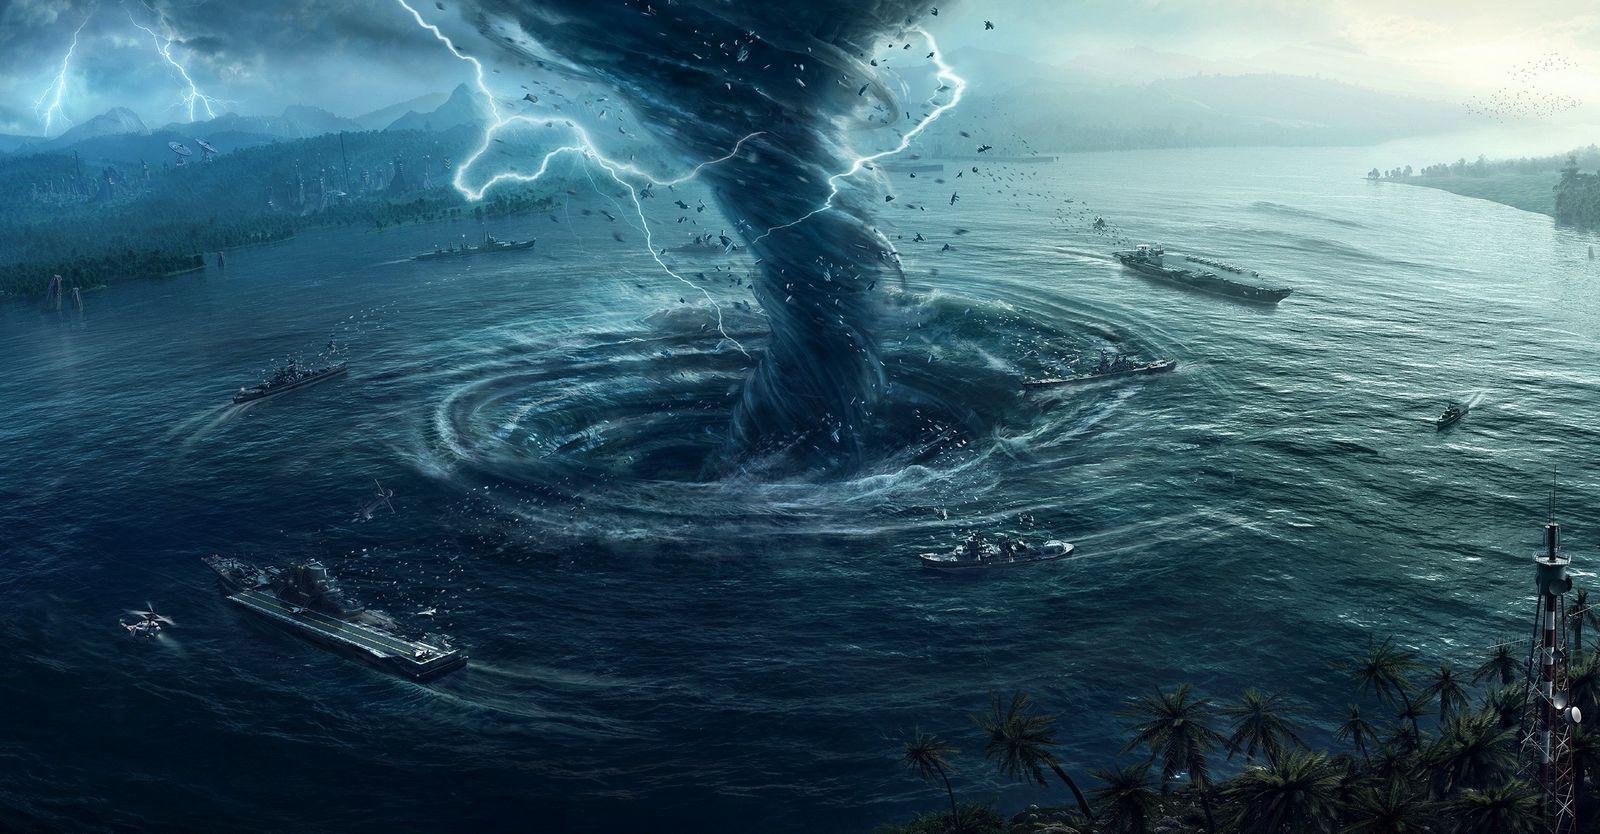 ¿Por qué Suceden los Desastres Naturales?